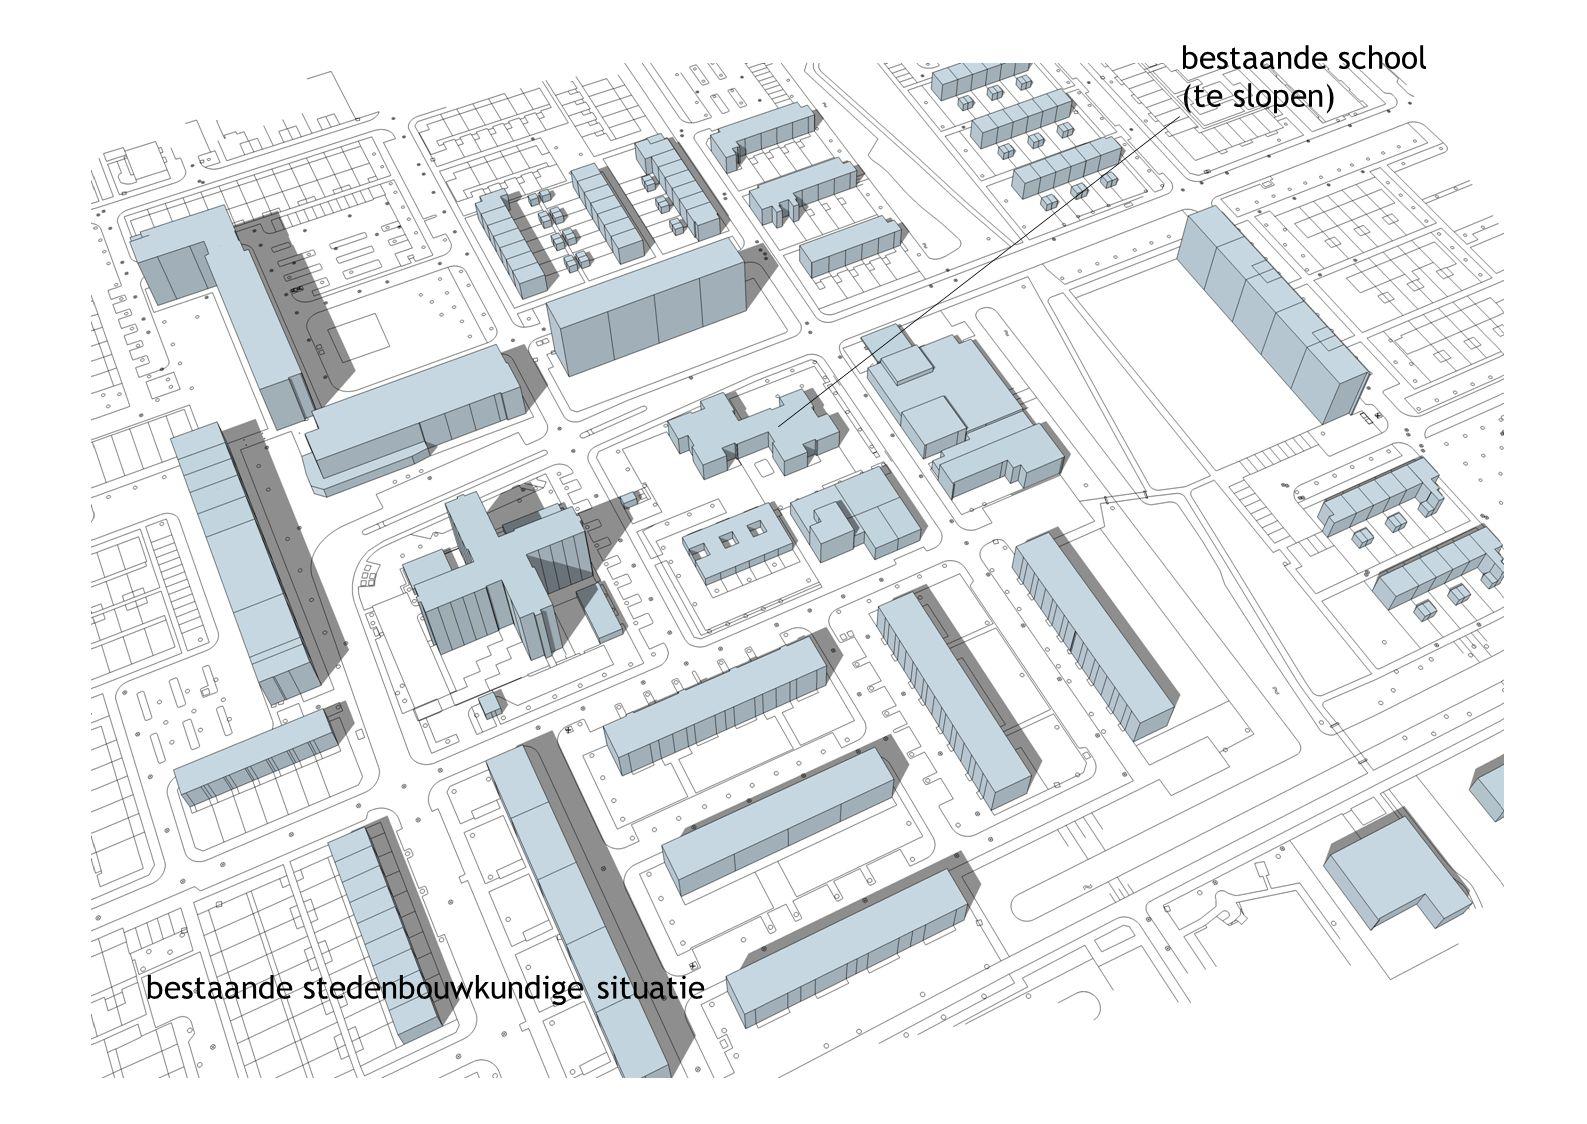 bestaande stedenbouwkundige situatie bestaande school (te slopen)